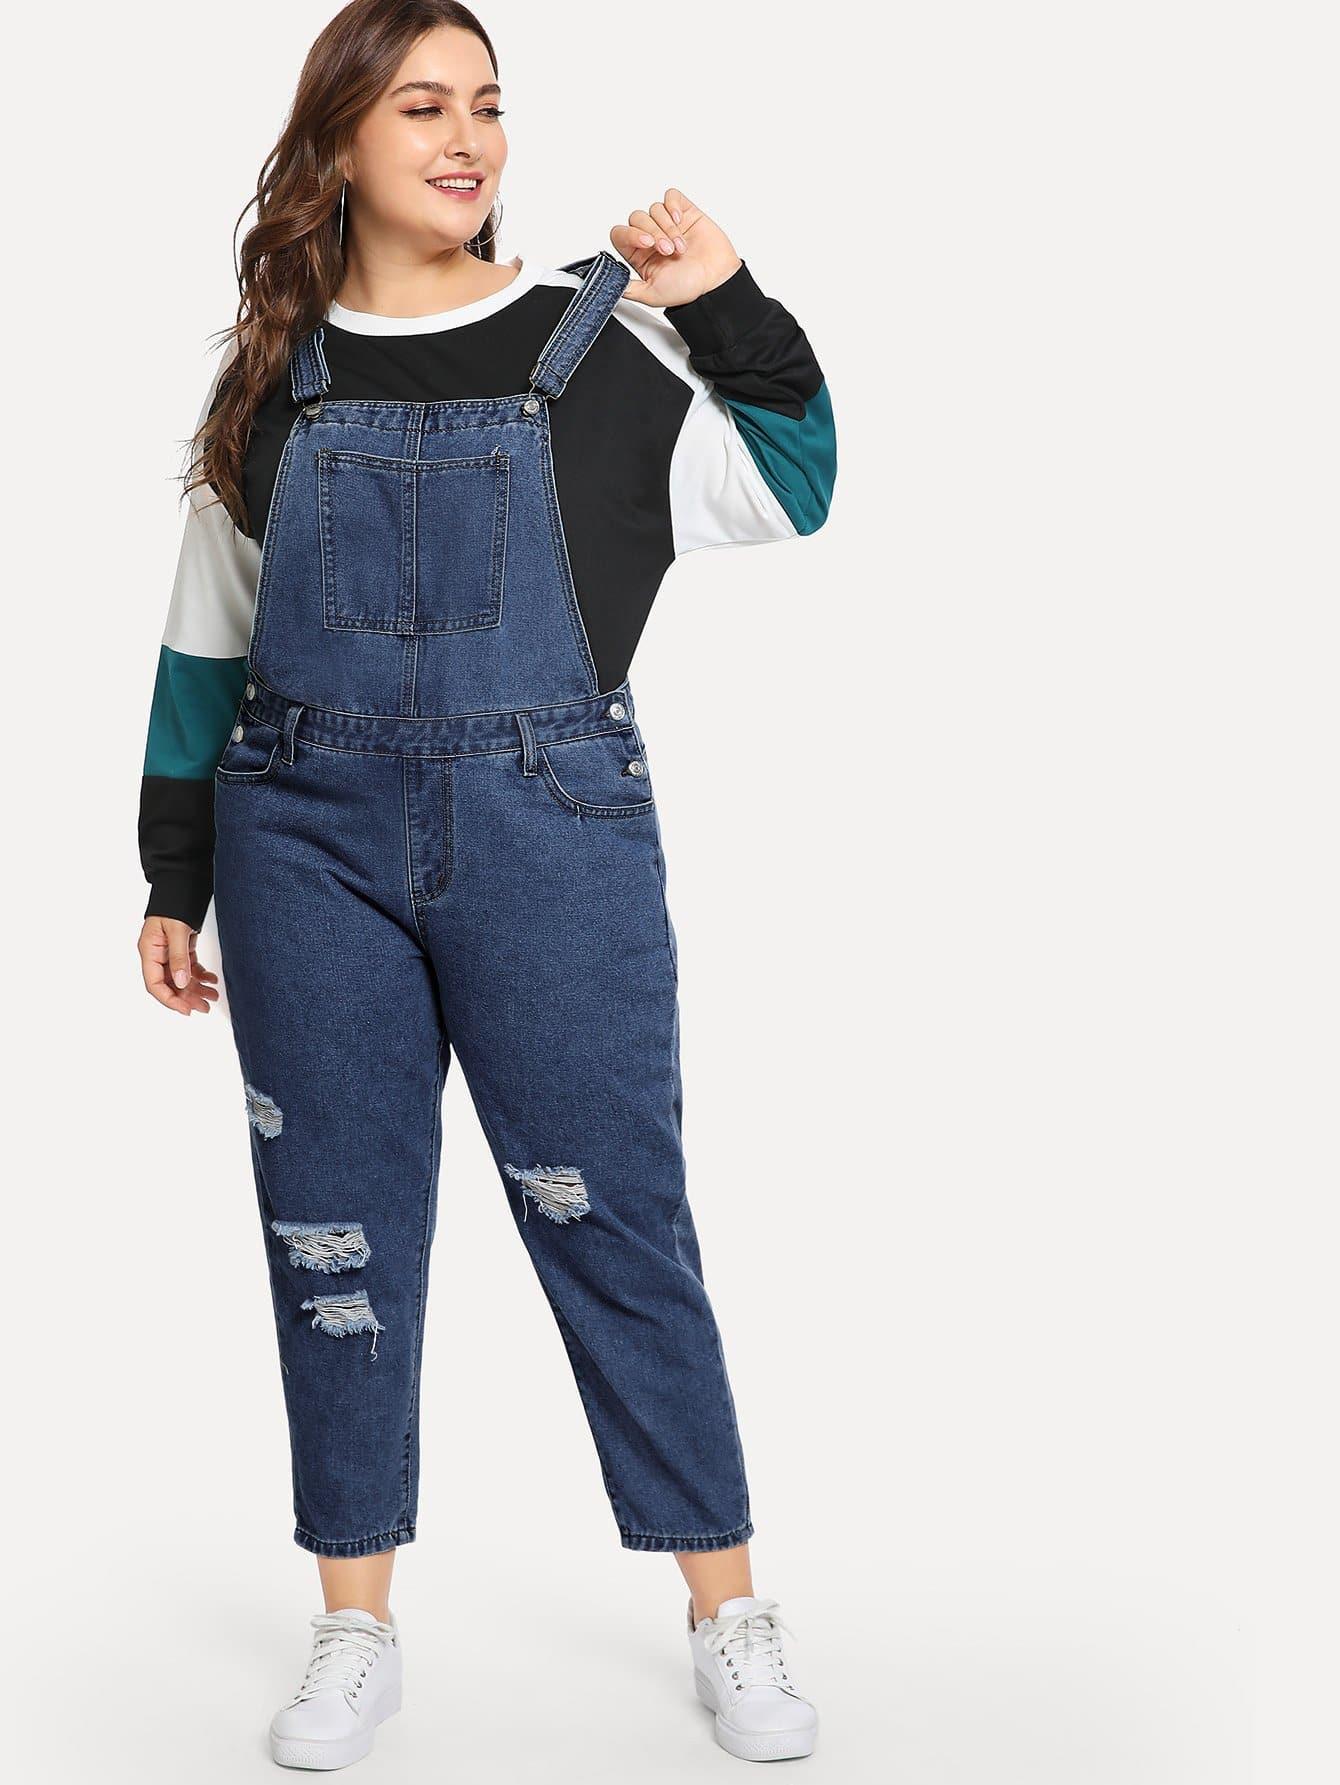 Купить Рваные джинсы комбинезон размера плюс, Franziska, SheIn